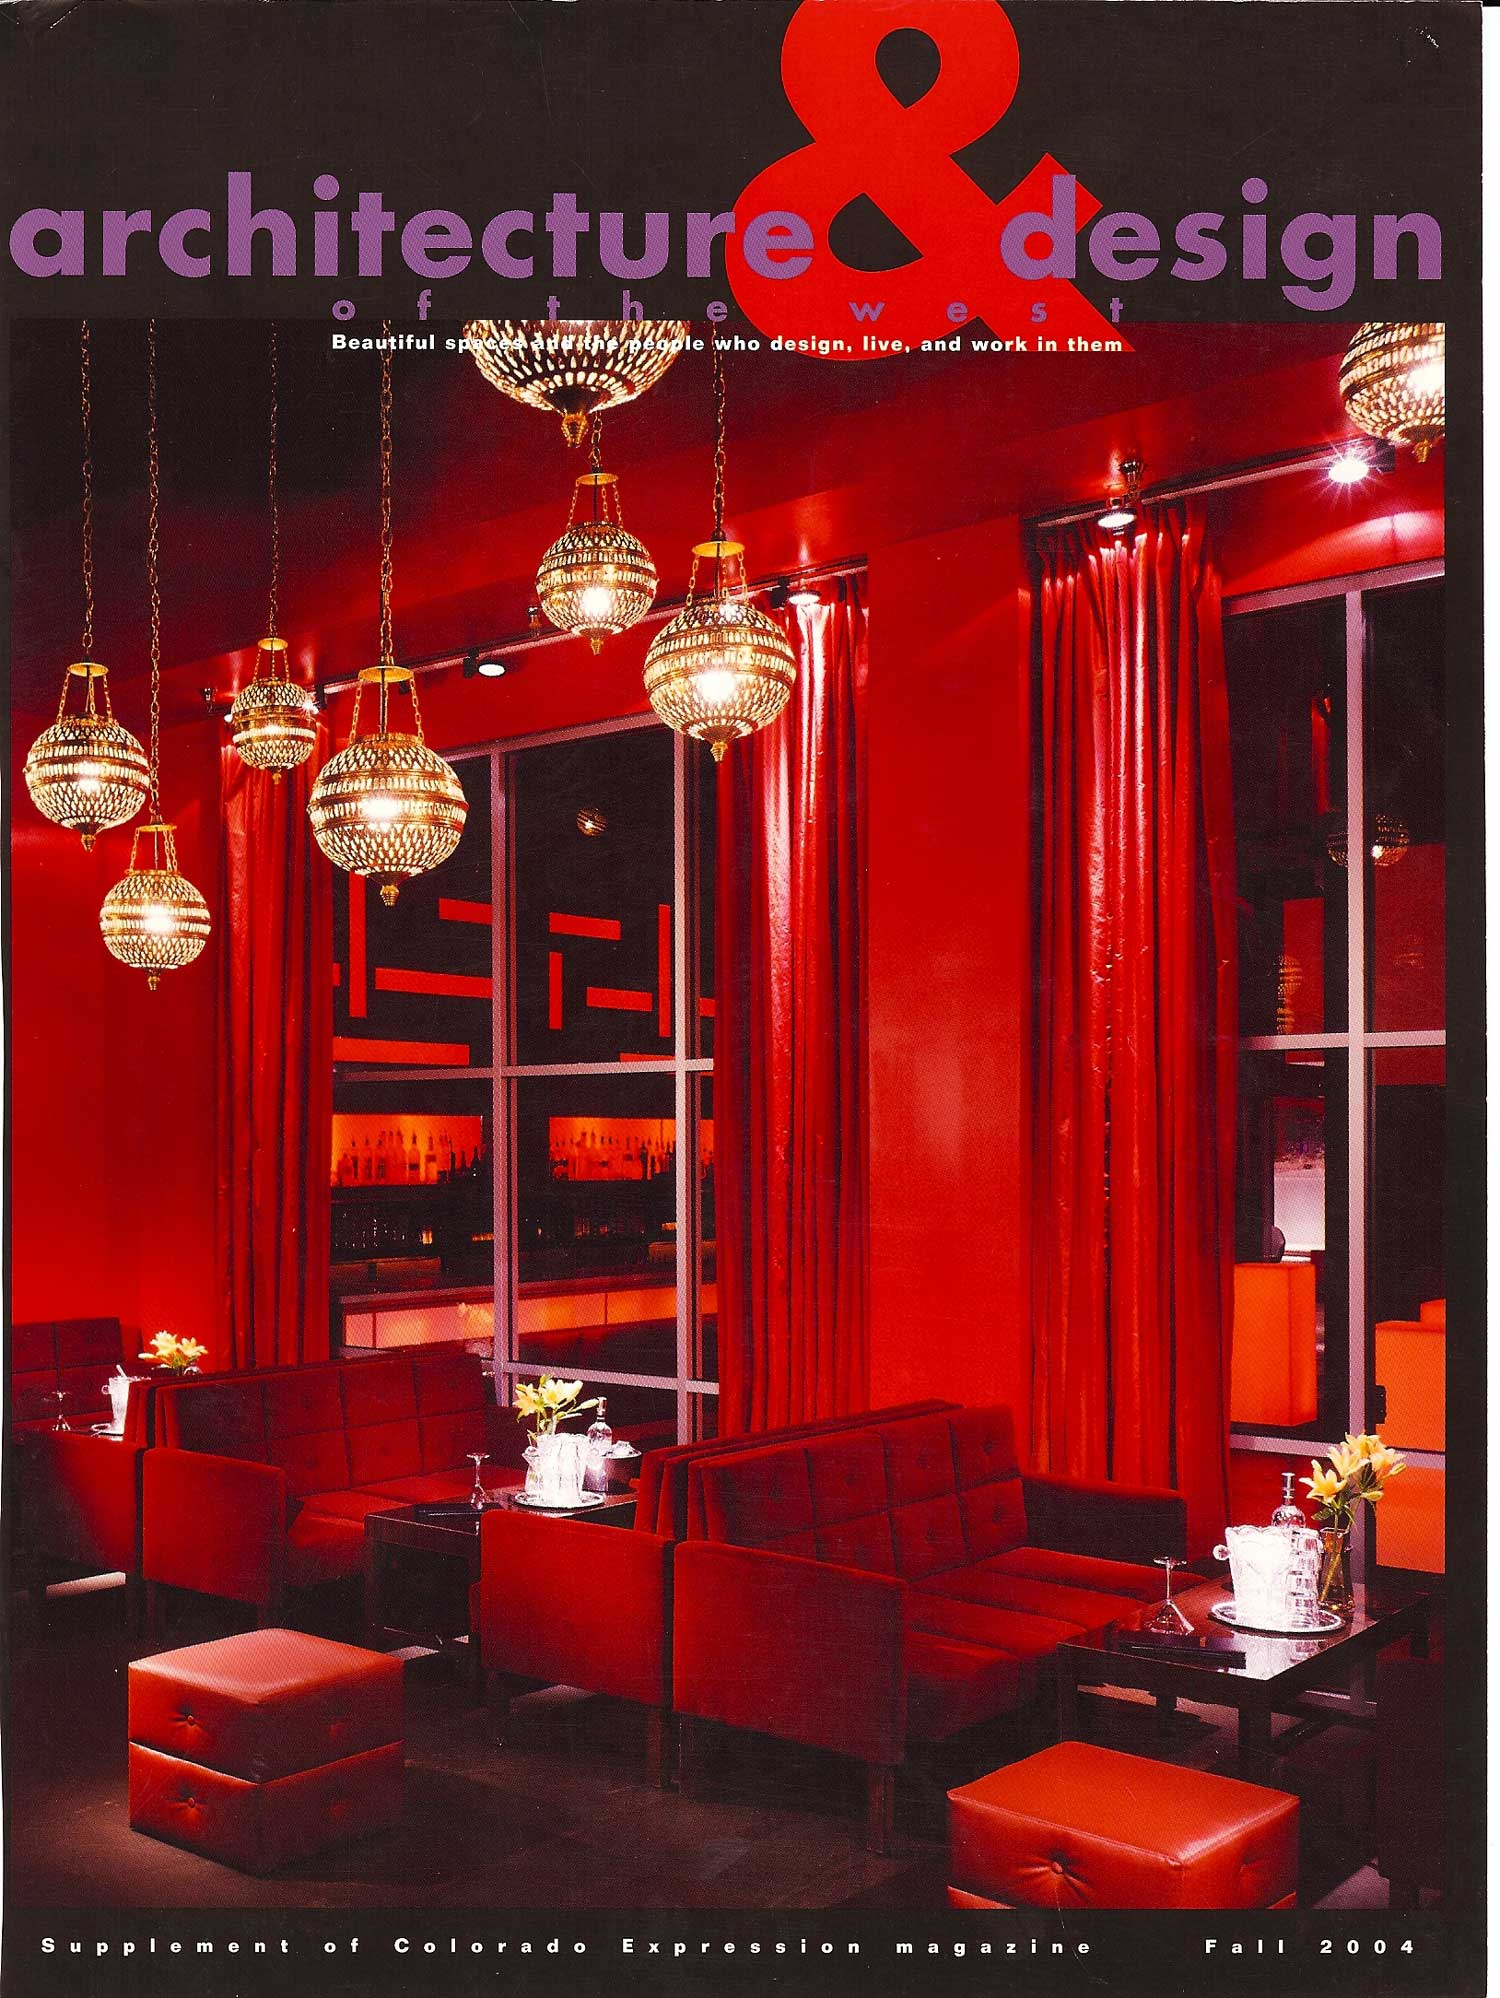 Architecture-&-Design-Fall-2004-Cover.jpg